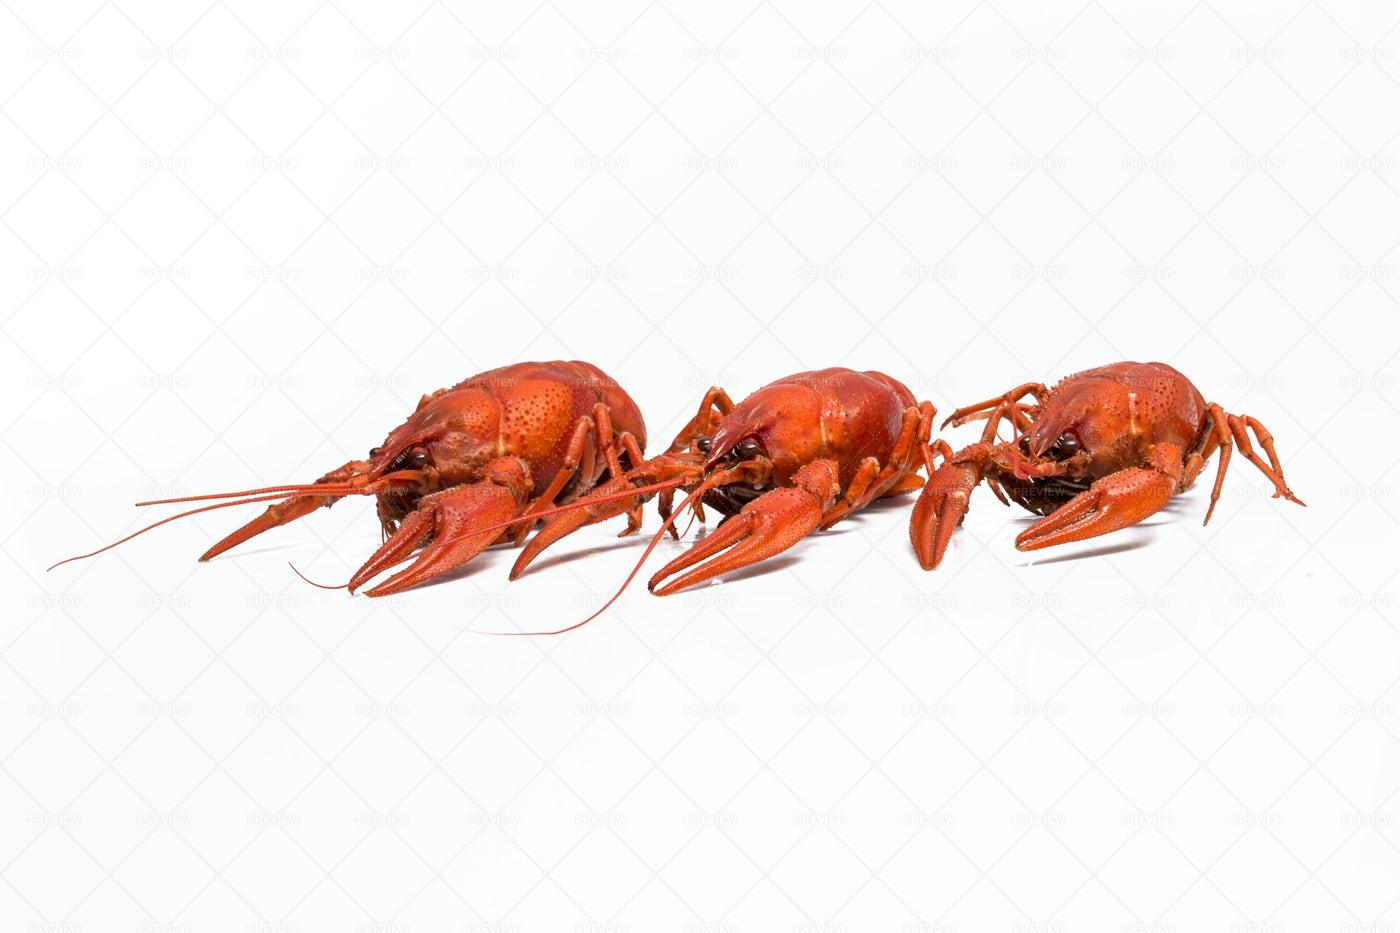 Cooked Crayfish: Stock Photos